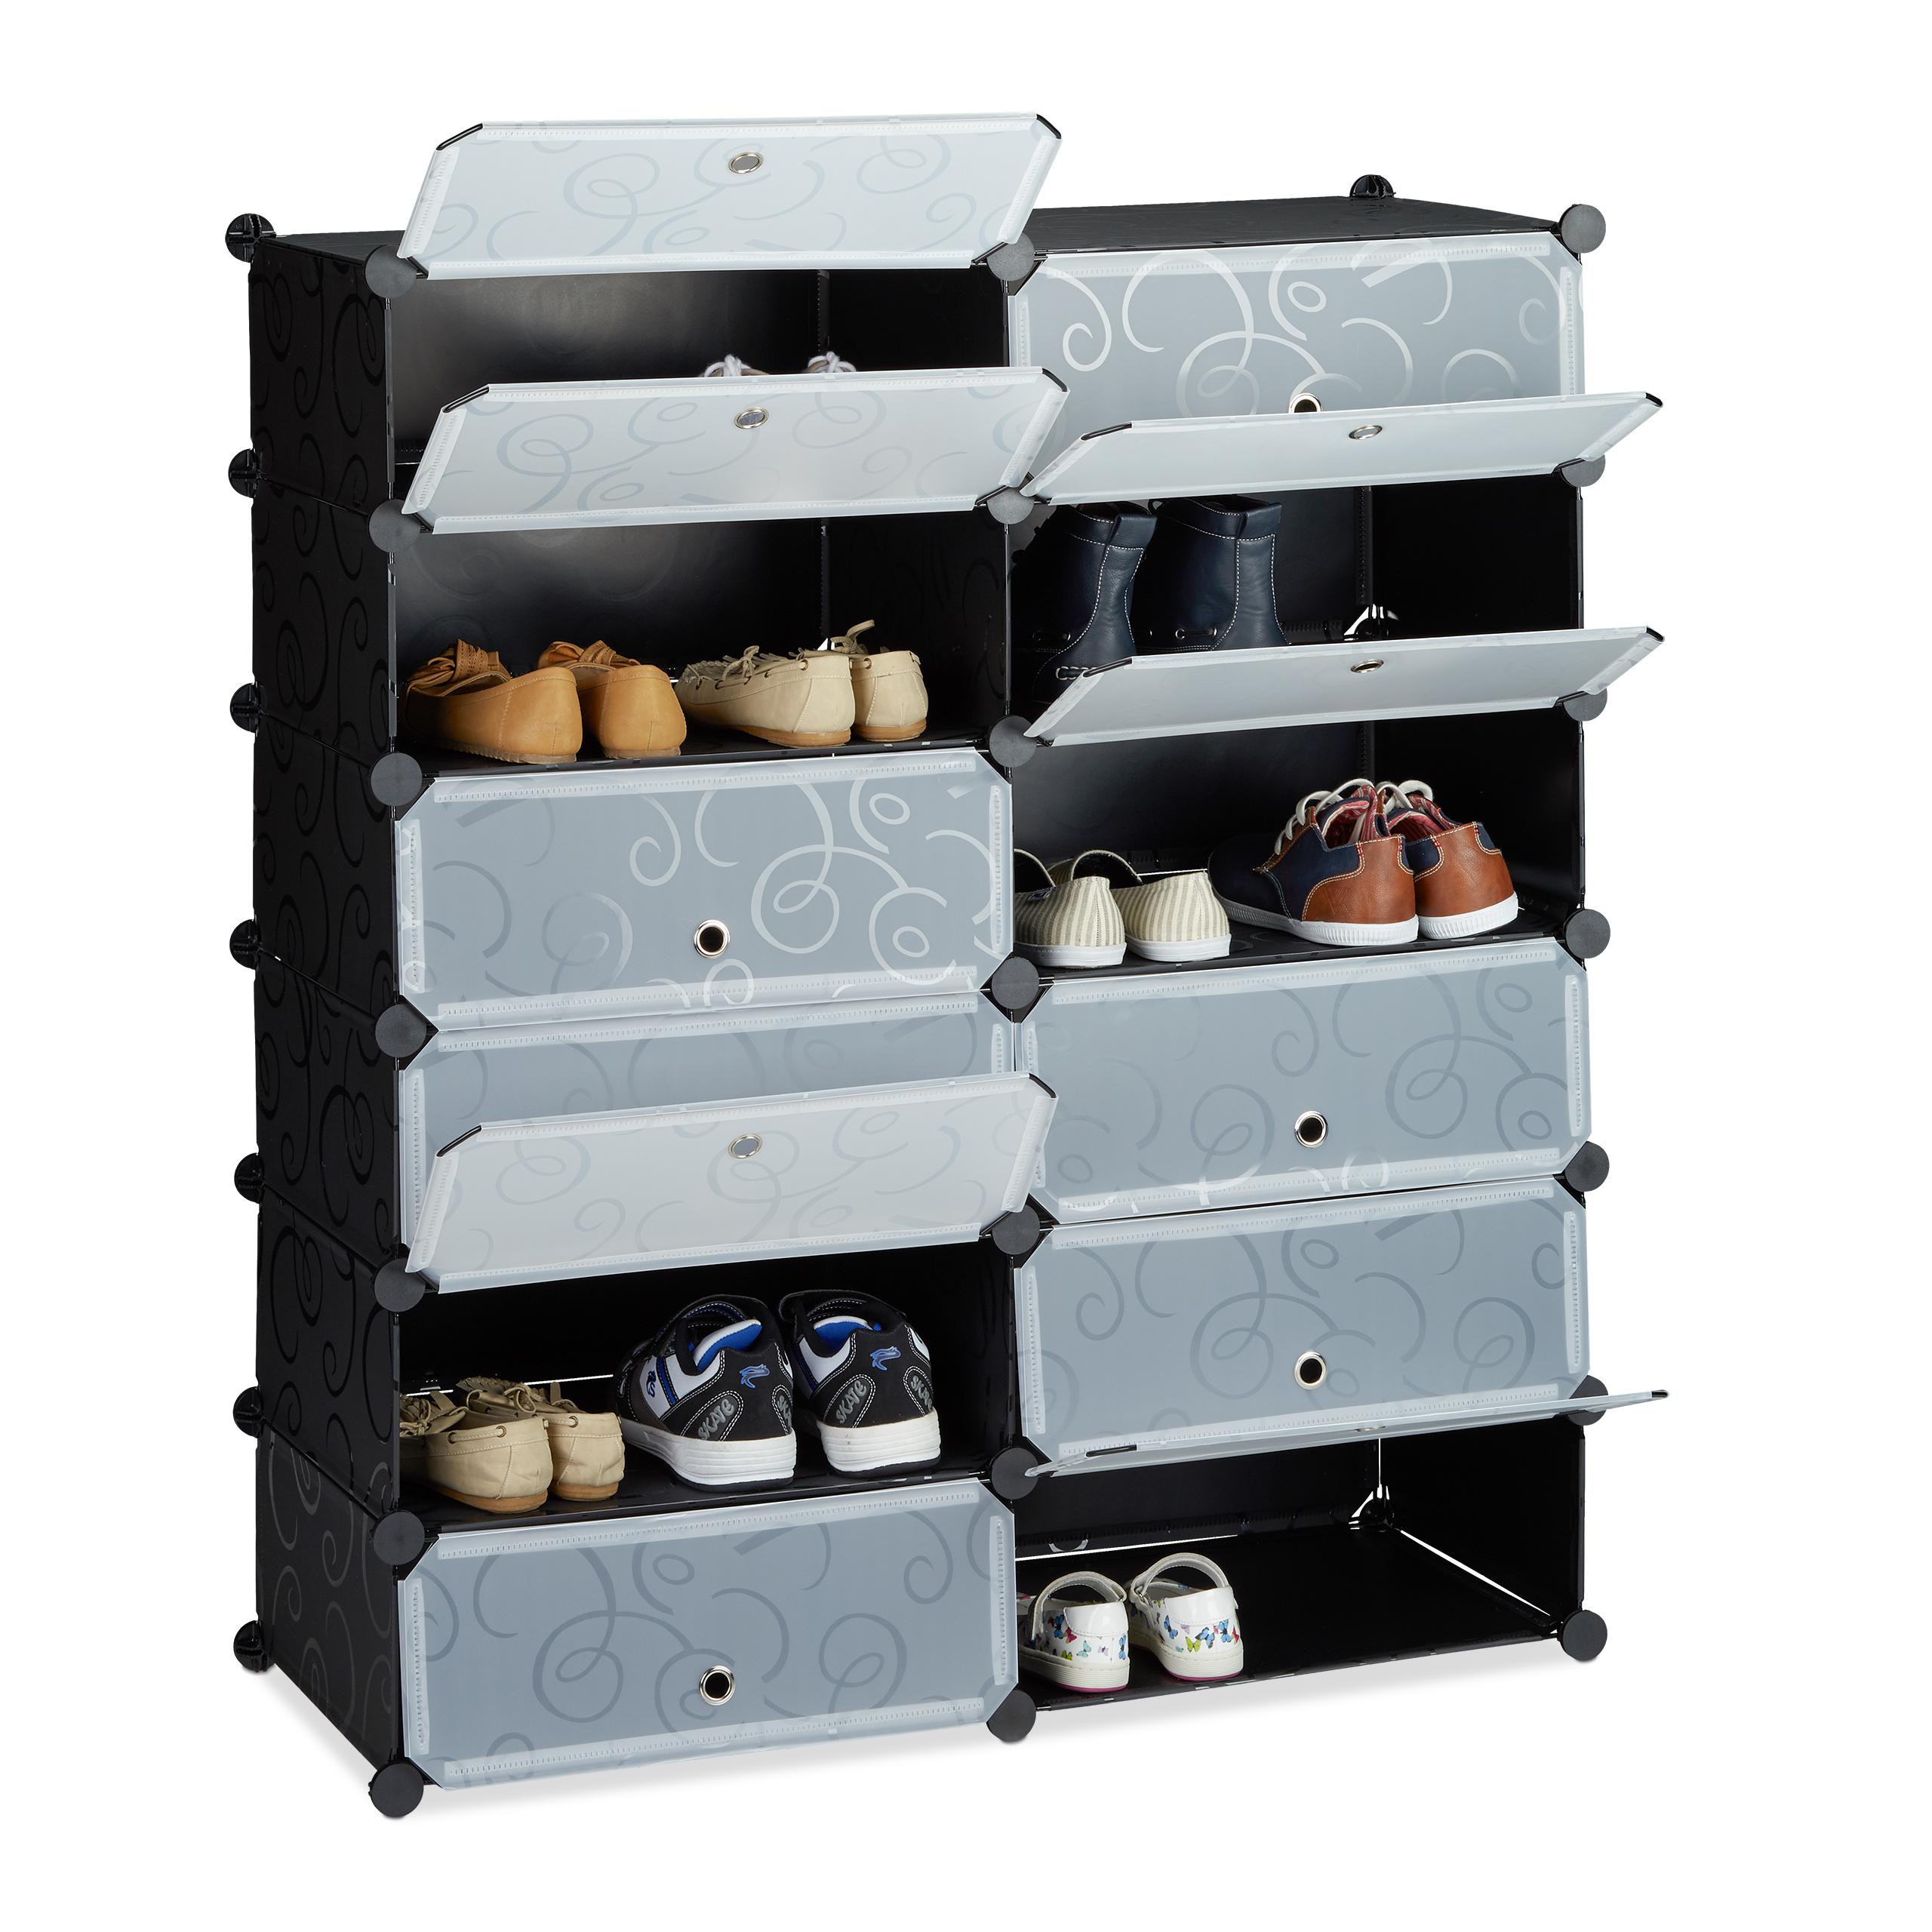 Scarpiera armadio con 12 scomparti, scaffale componibile ad incastro ...